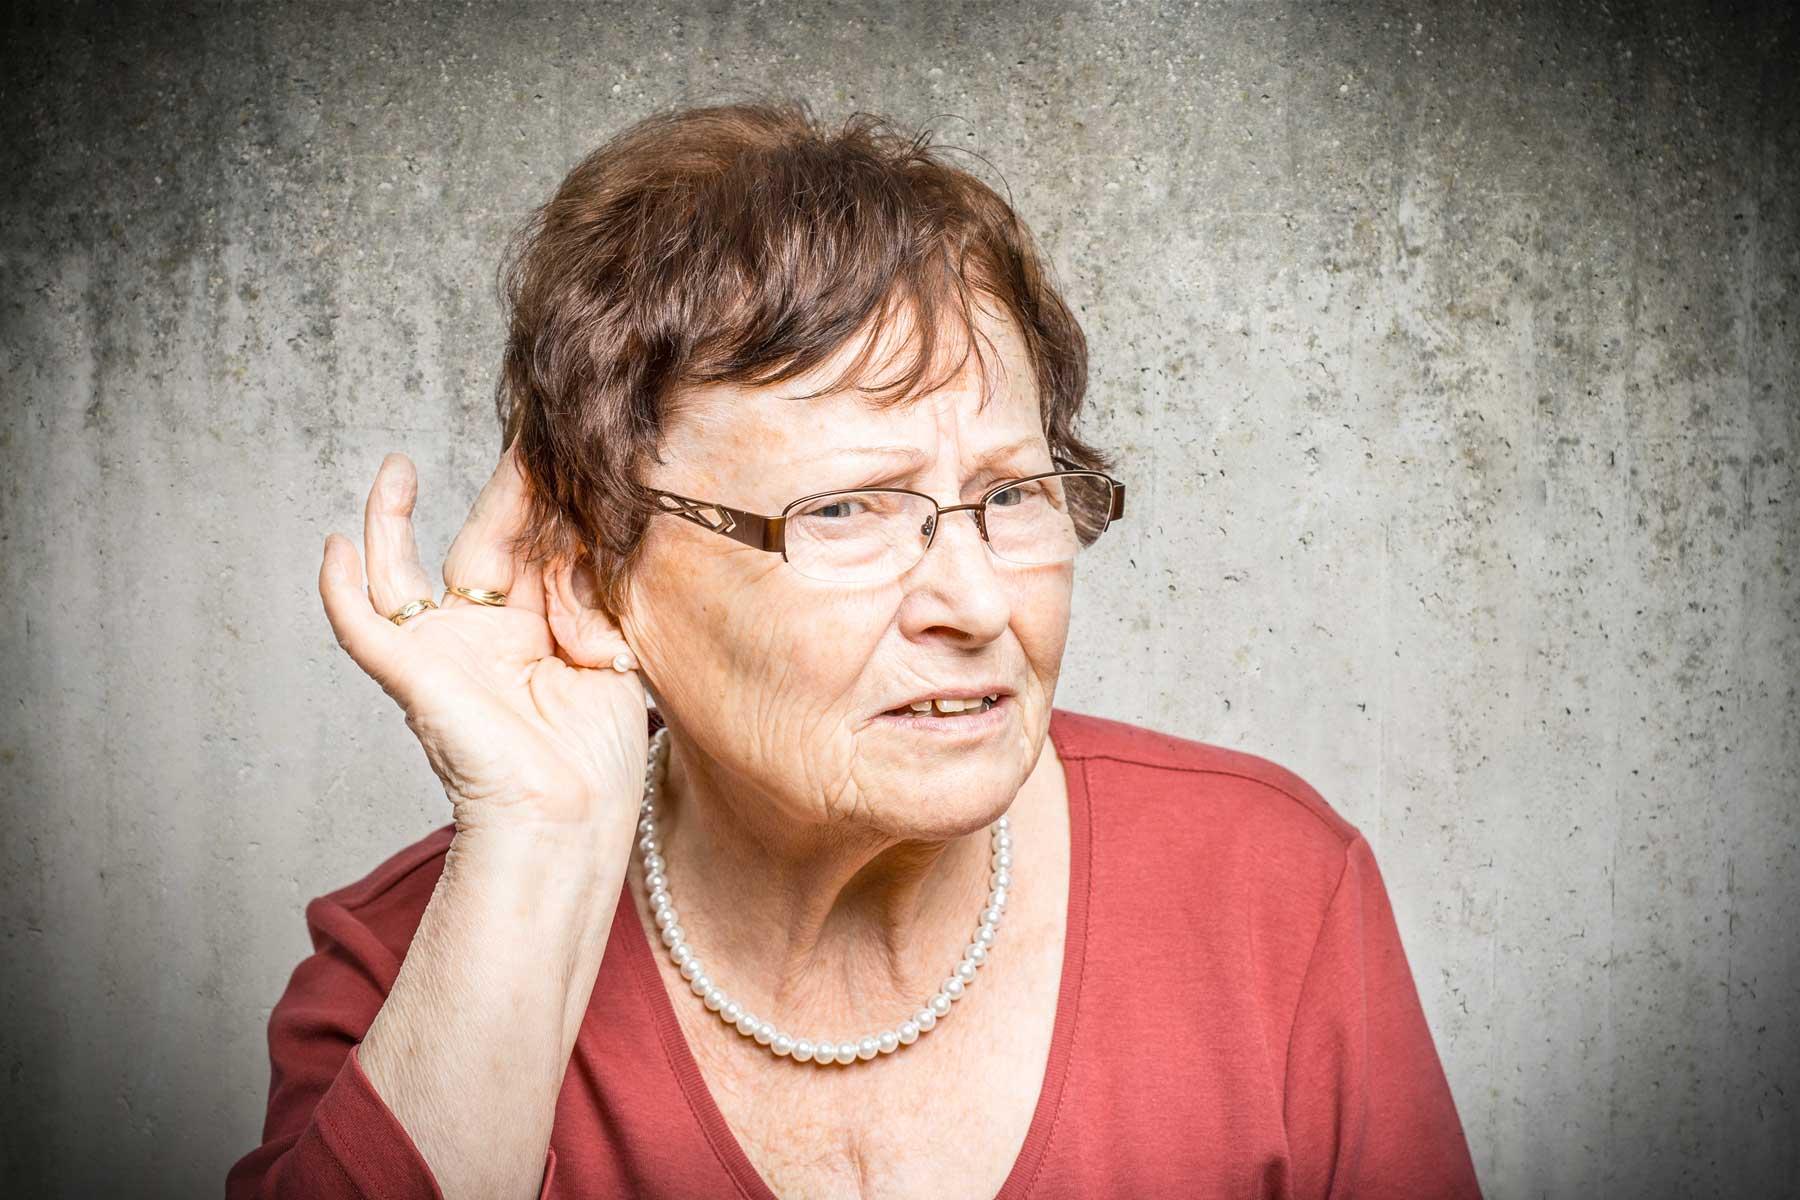 Schwerhörige gehen immer früher zum Hörakustiker – aber nicht früh genug